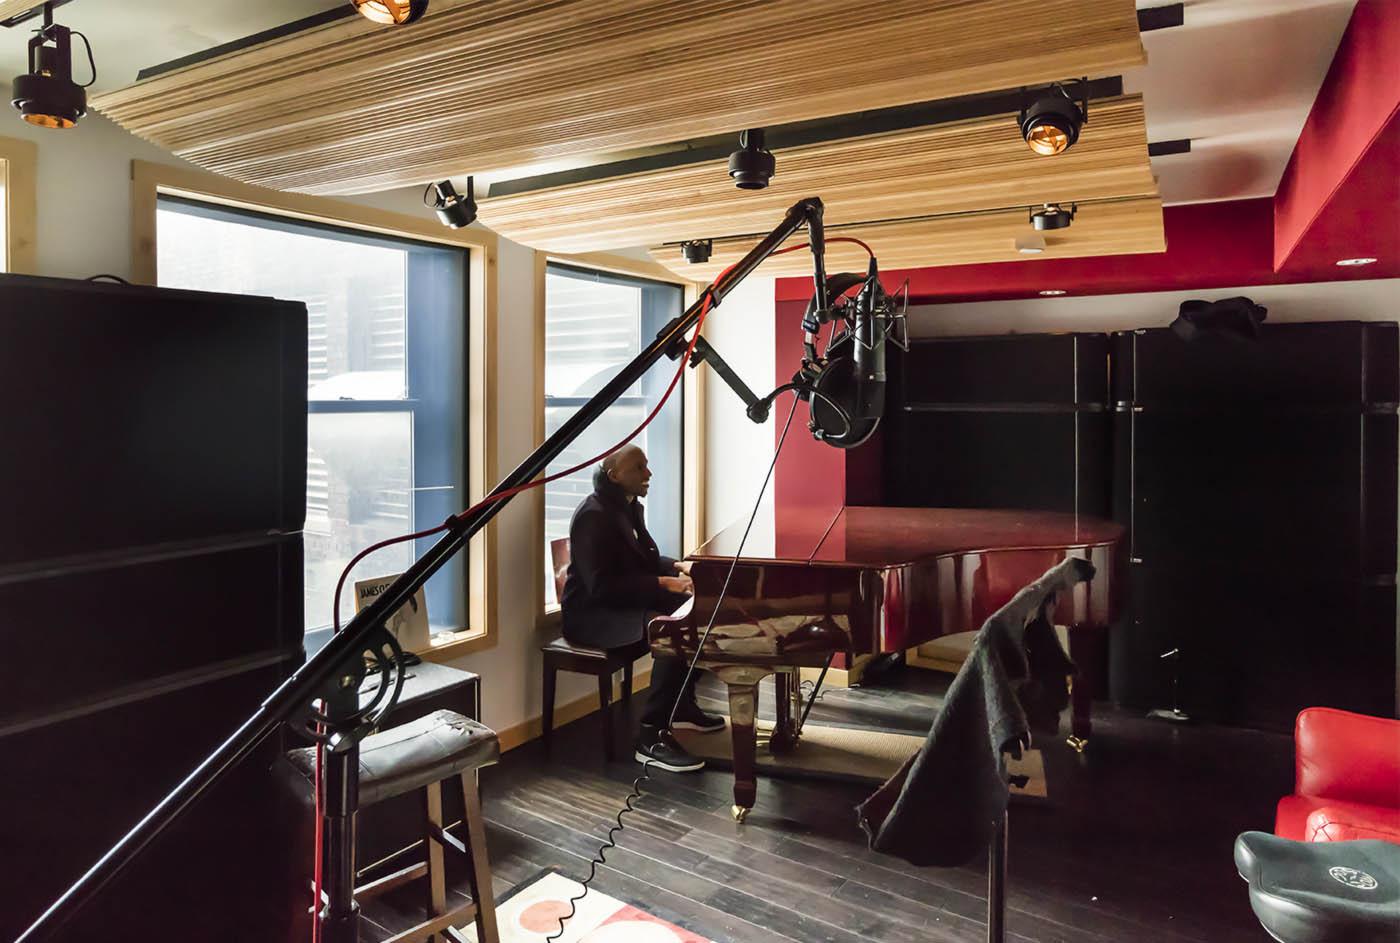 Alicia Keys' piano